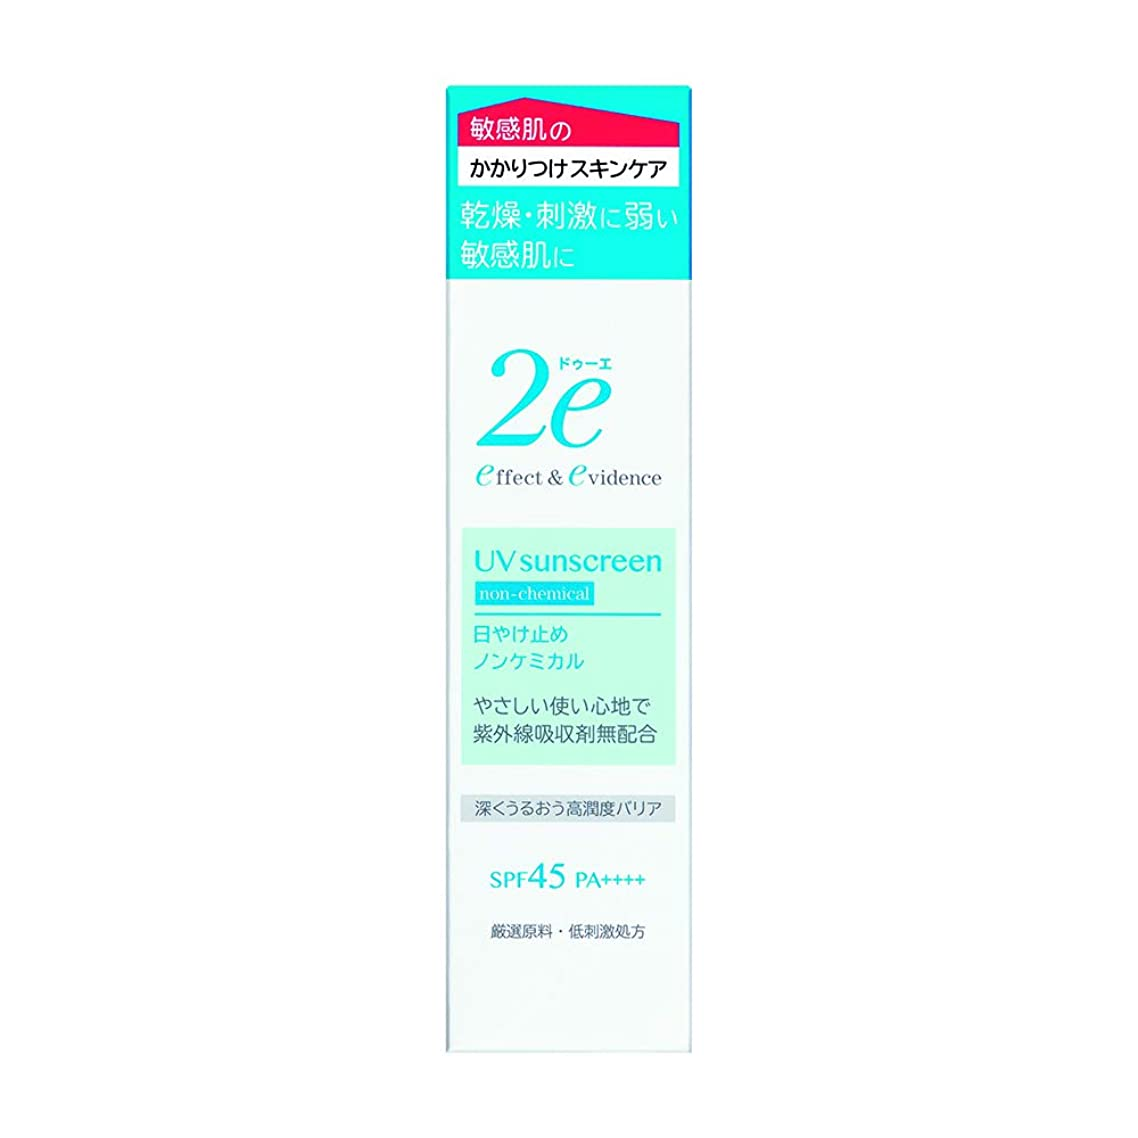 一元化する俳句風邪をひく2e(ドゥーエ) 日やけ止め ノンケミカル 敏感肌用 低刺激処方 深くうるおう高潤度バリア 40g SPF40+ PA++++ 日焼け止め